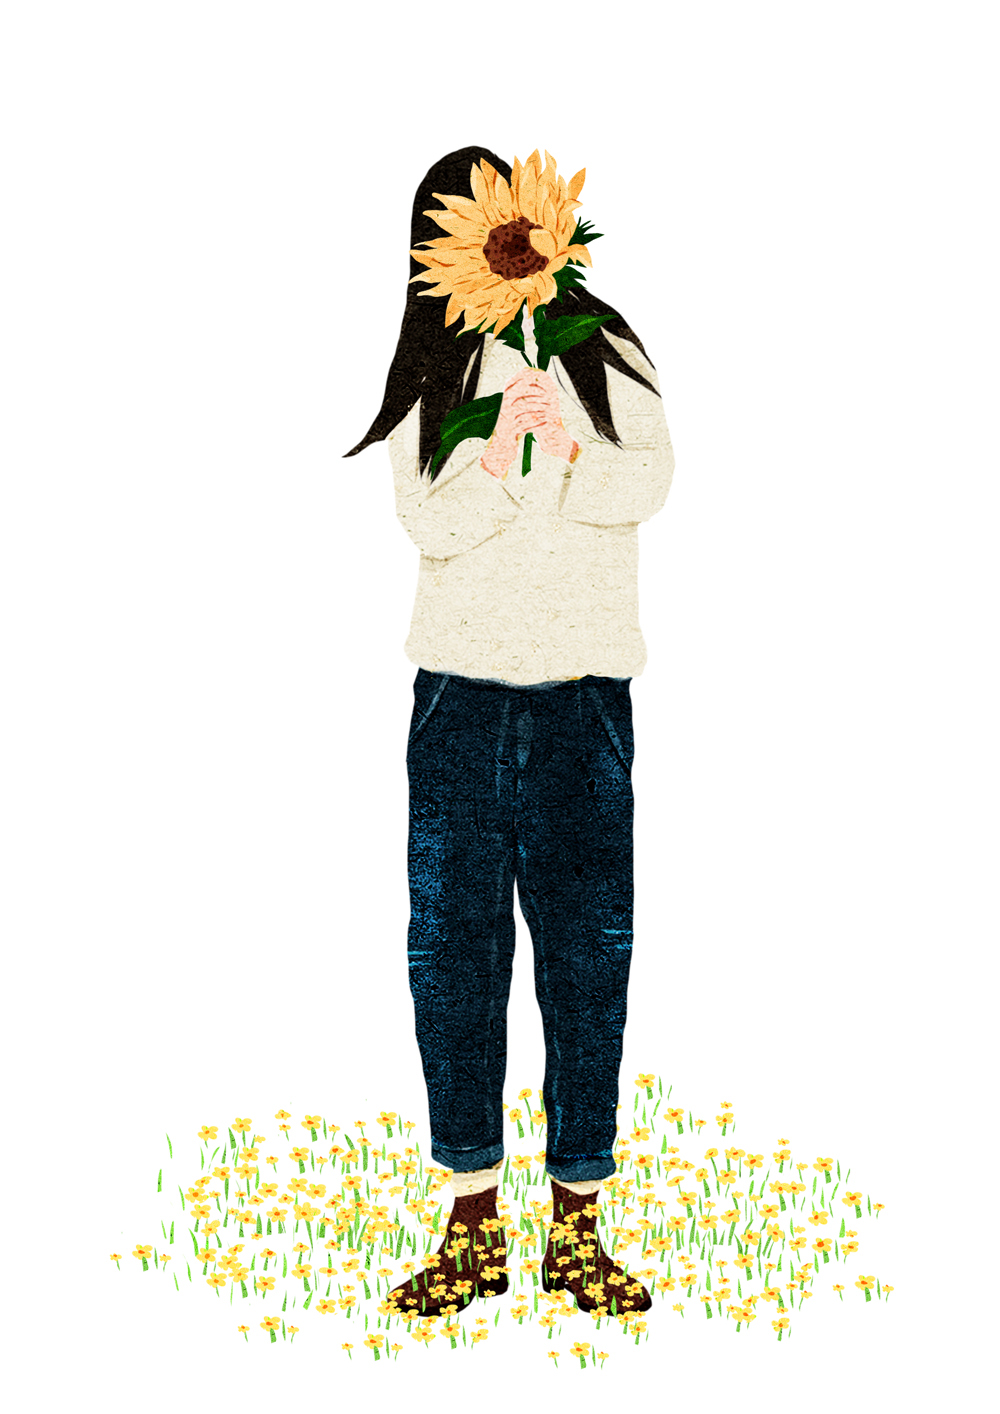 你的脚下开出一朵花—插画欣赏